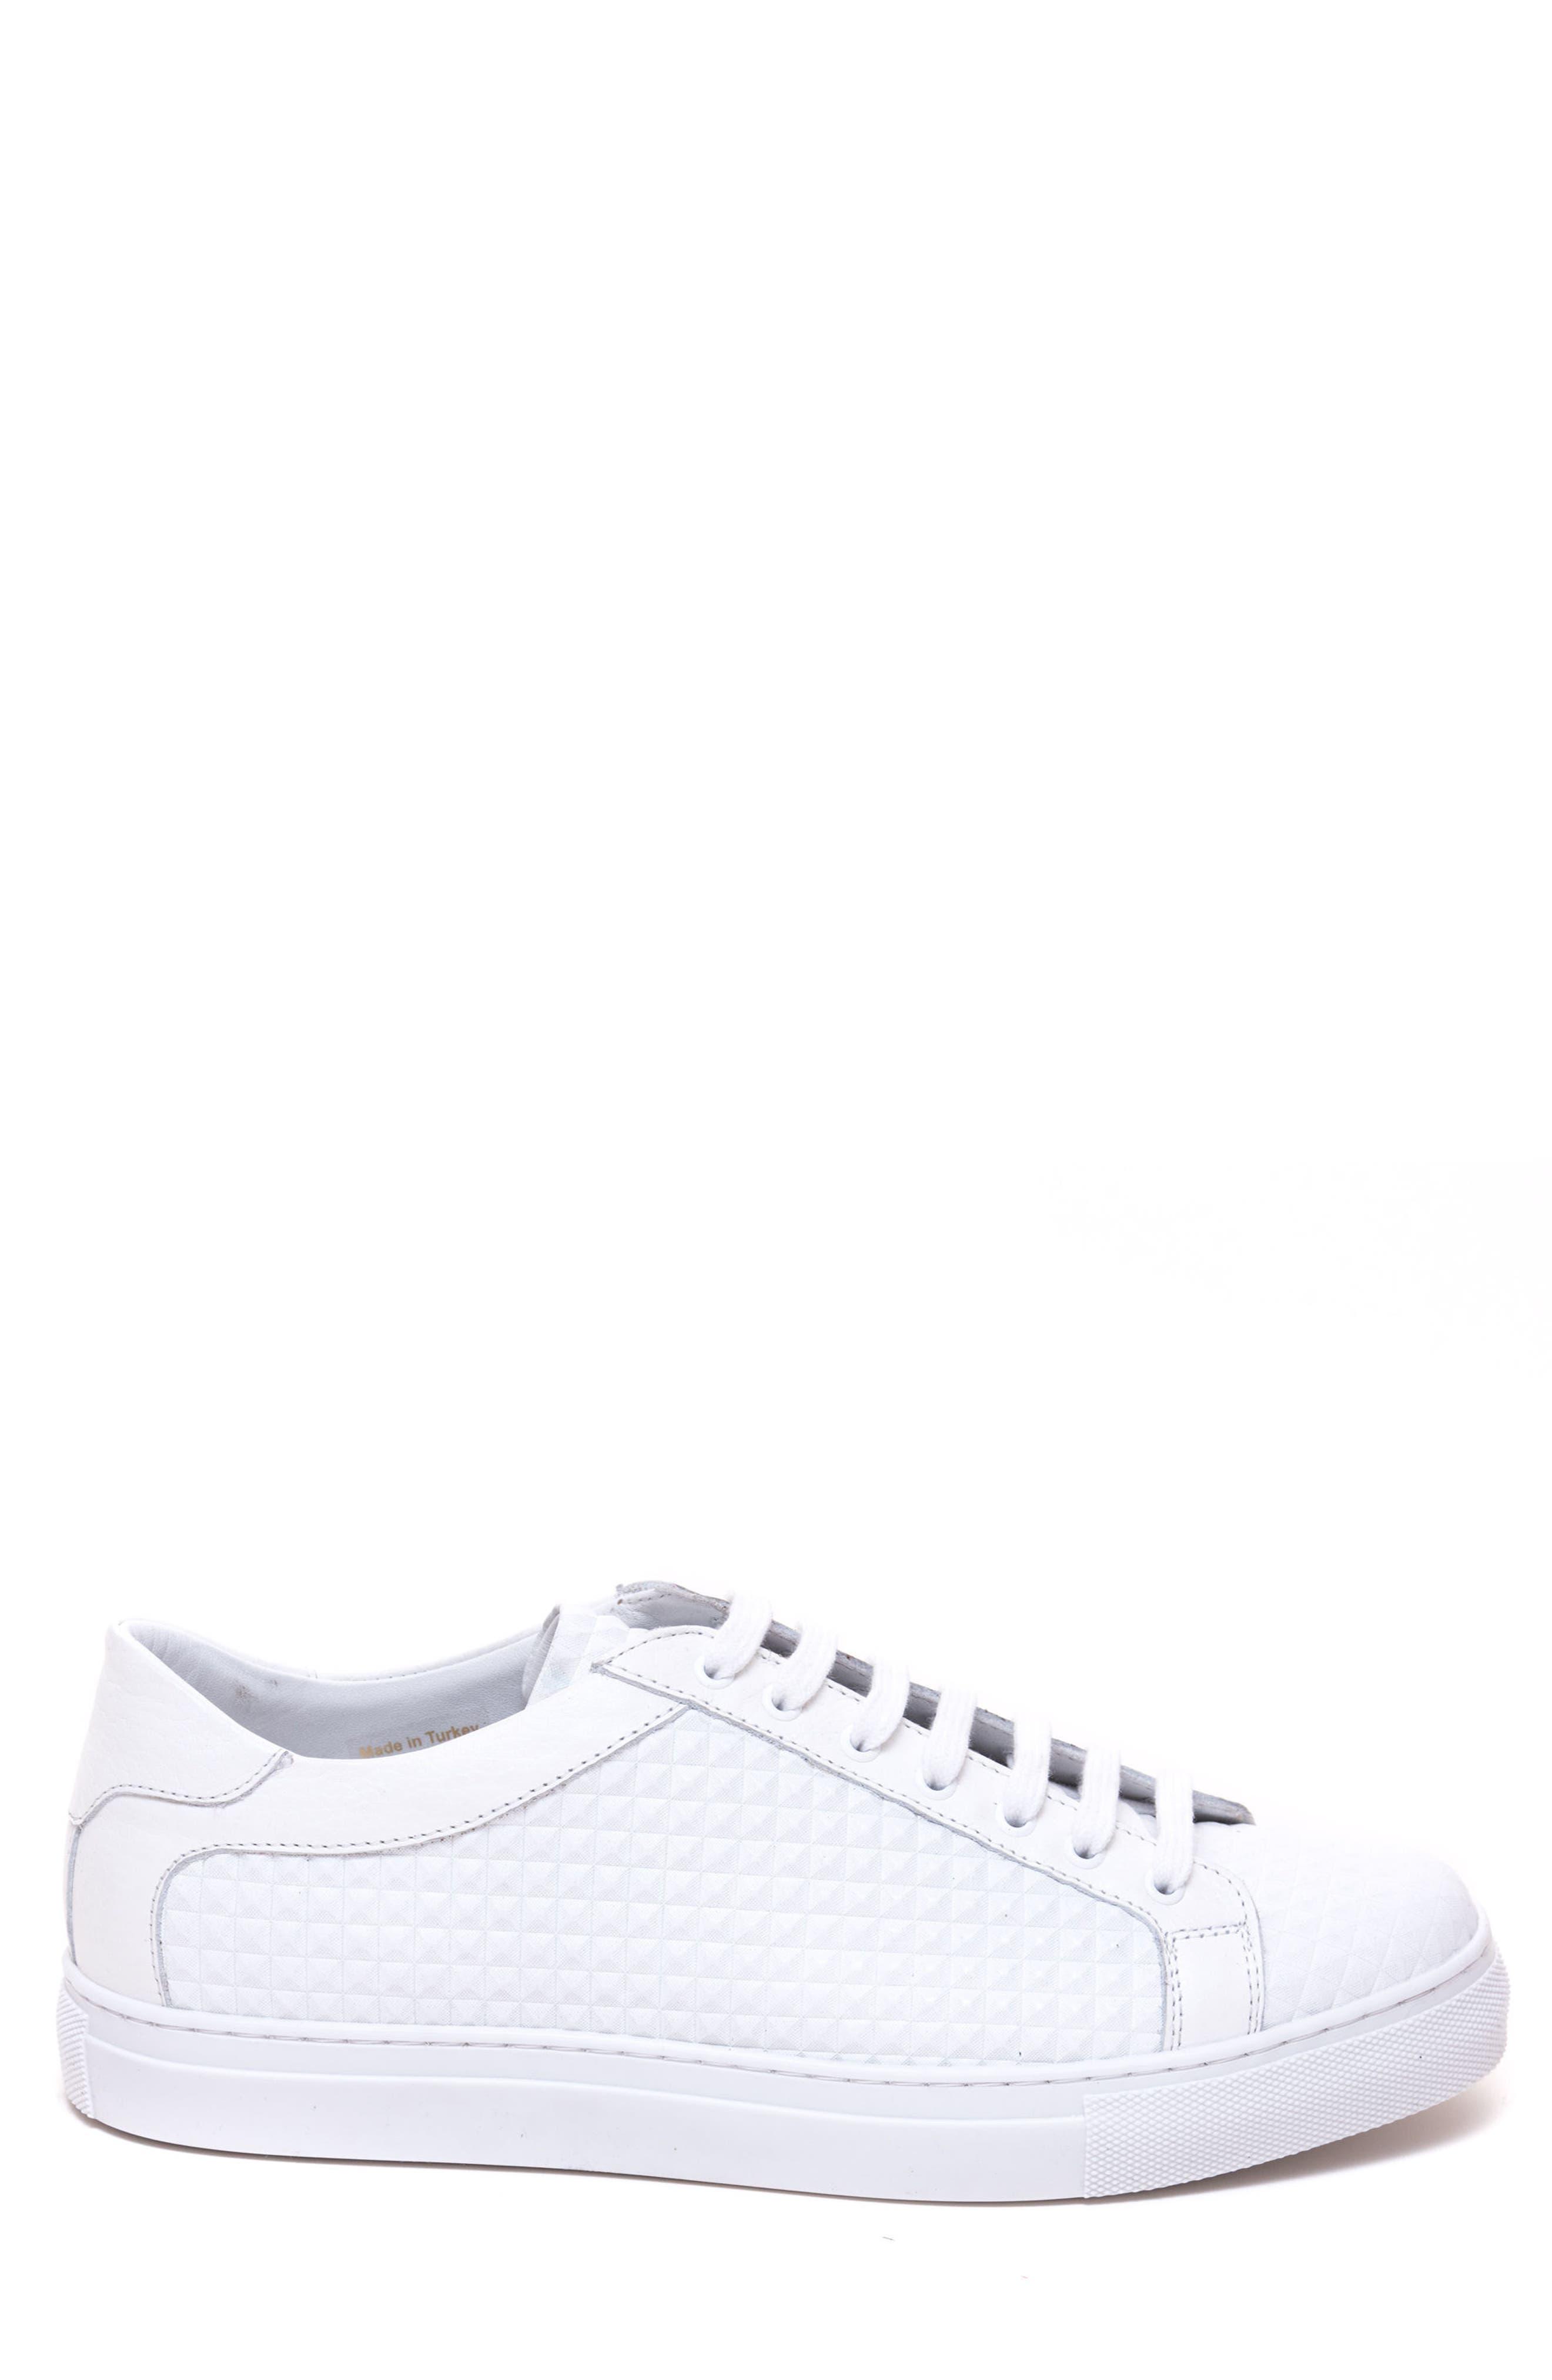 Scott Leather Sneaker,                             Alternate thumbnail 3, color,                             White